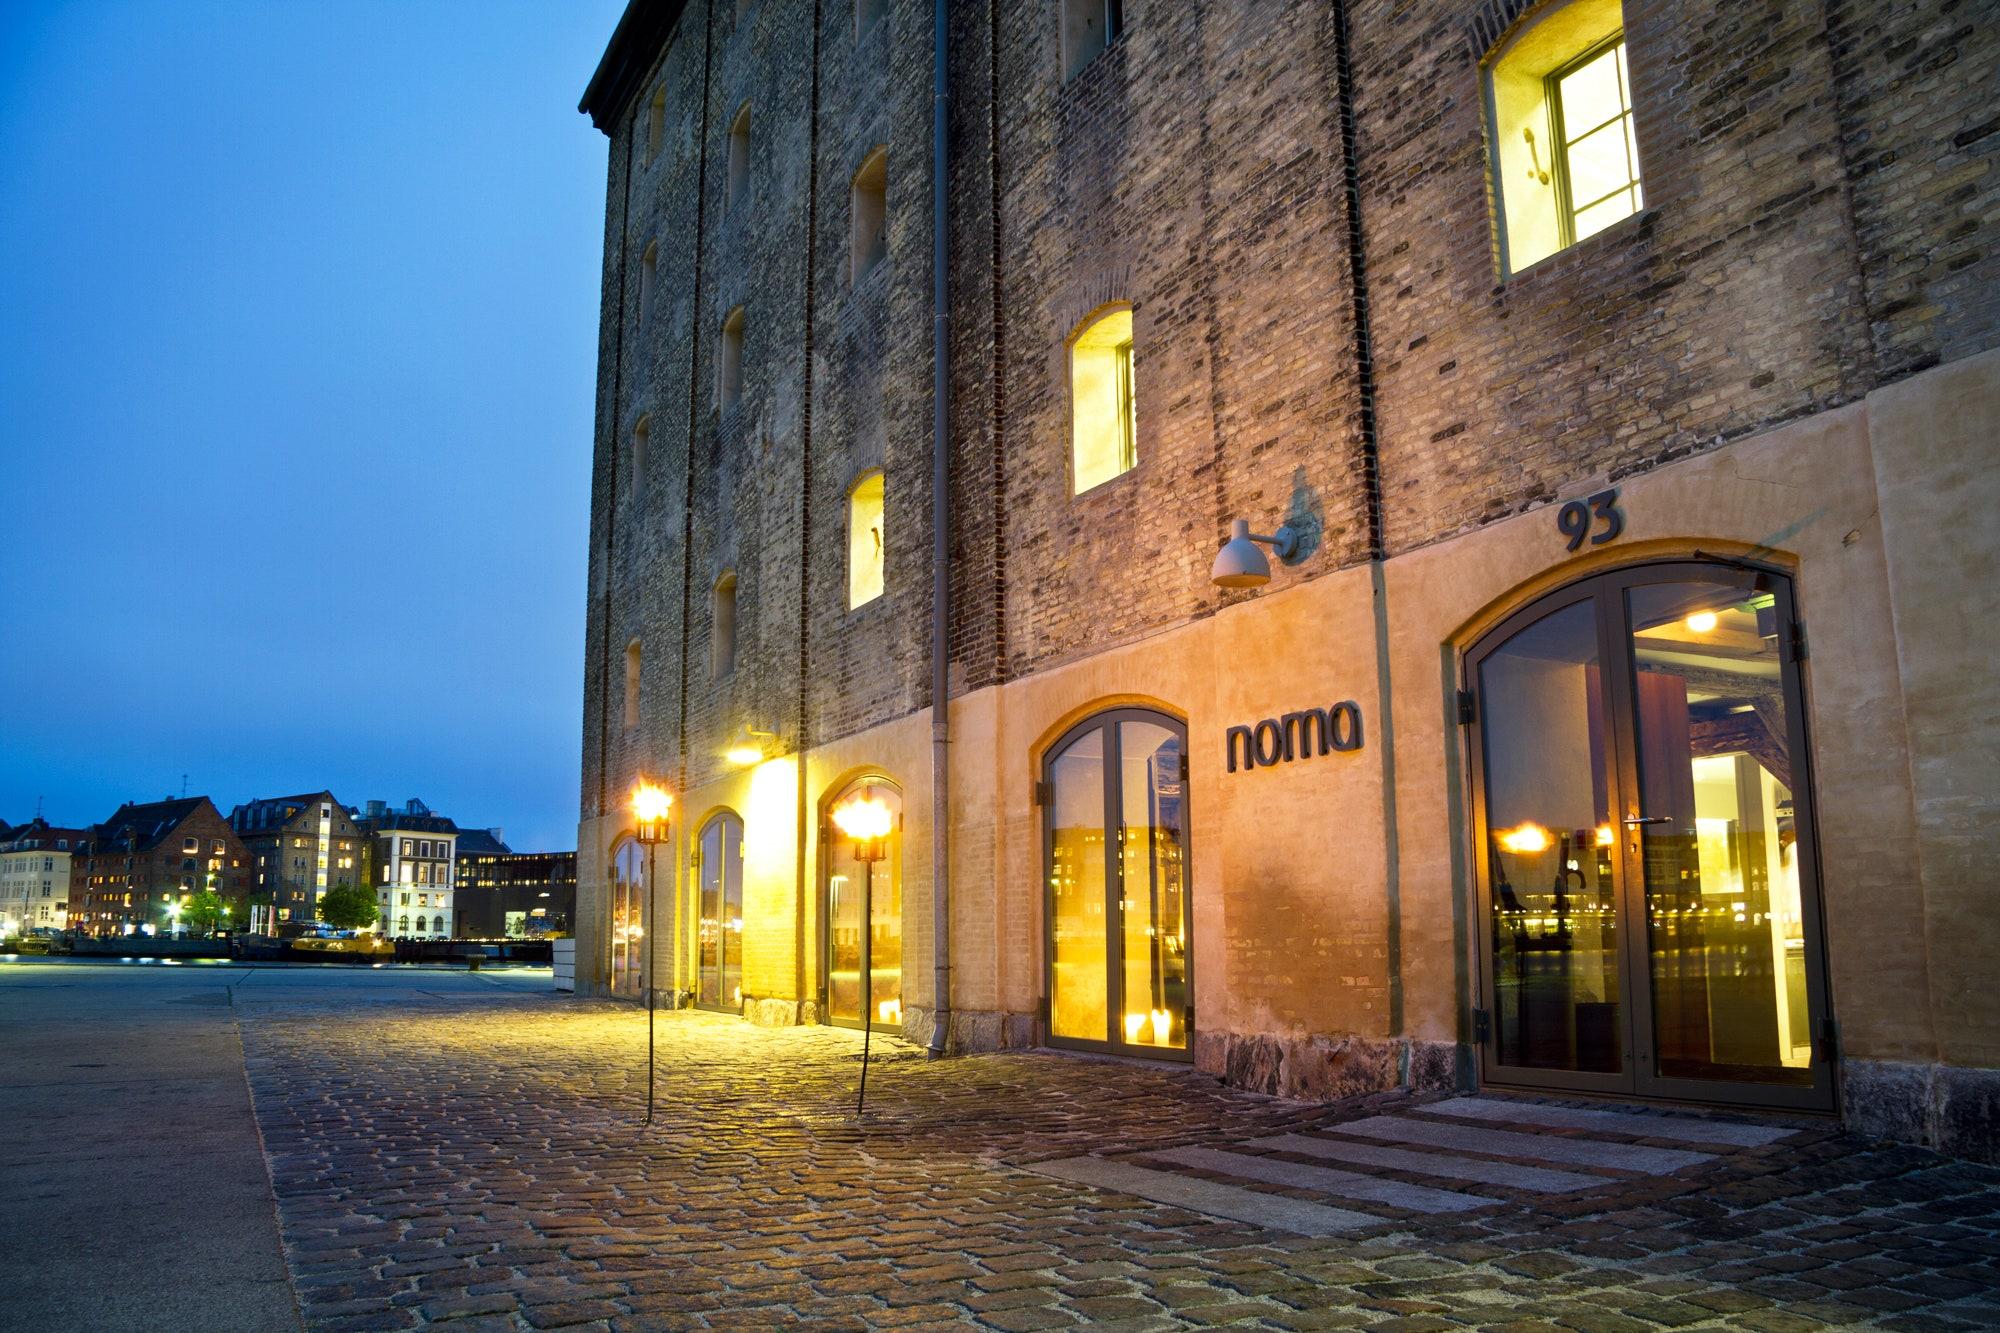 Nhà hàng Noma tại Copenhagen, Đan Mạch. Ảnh: Vogue.